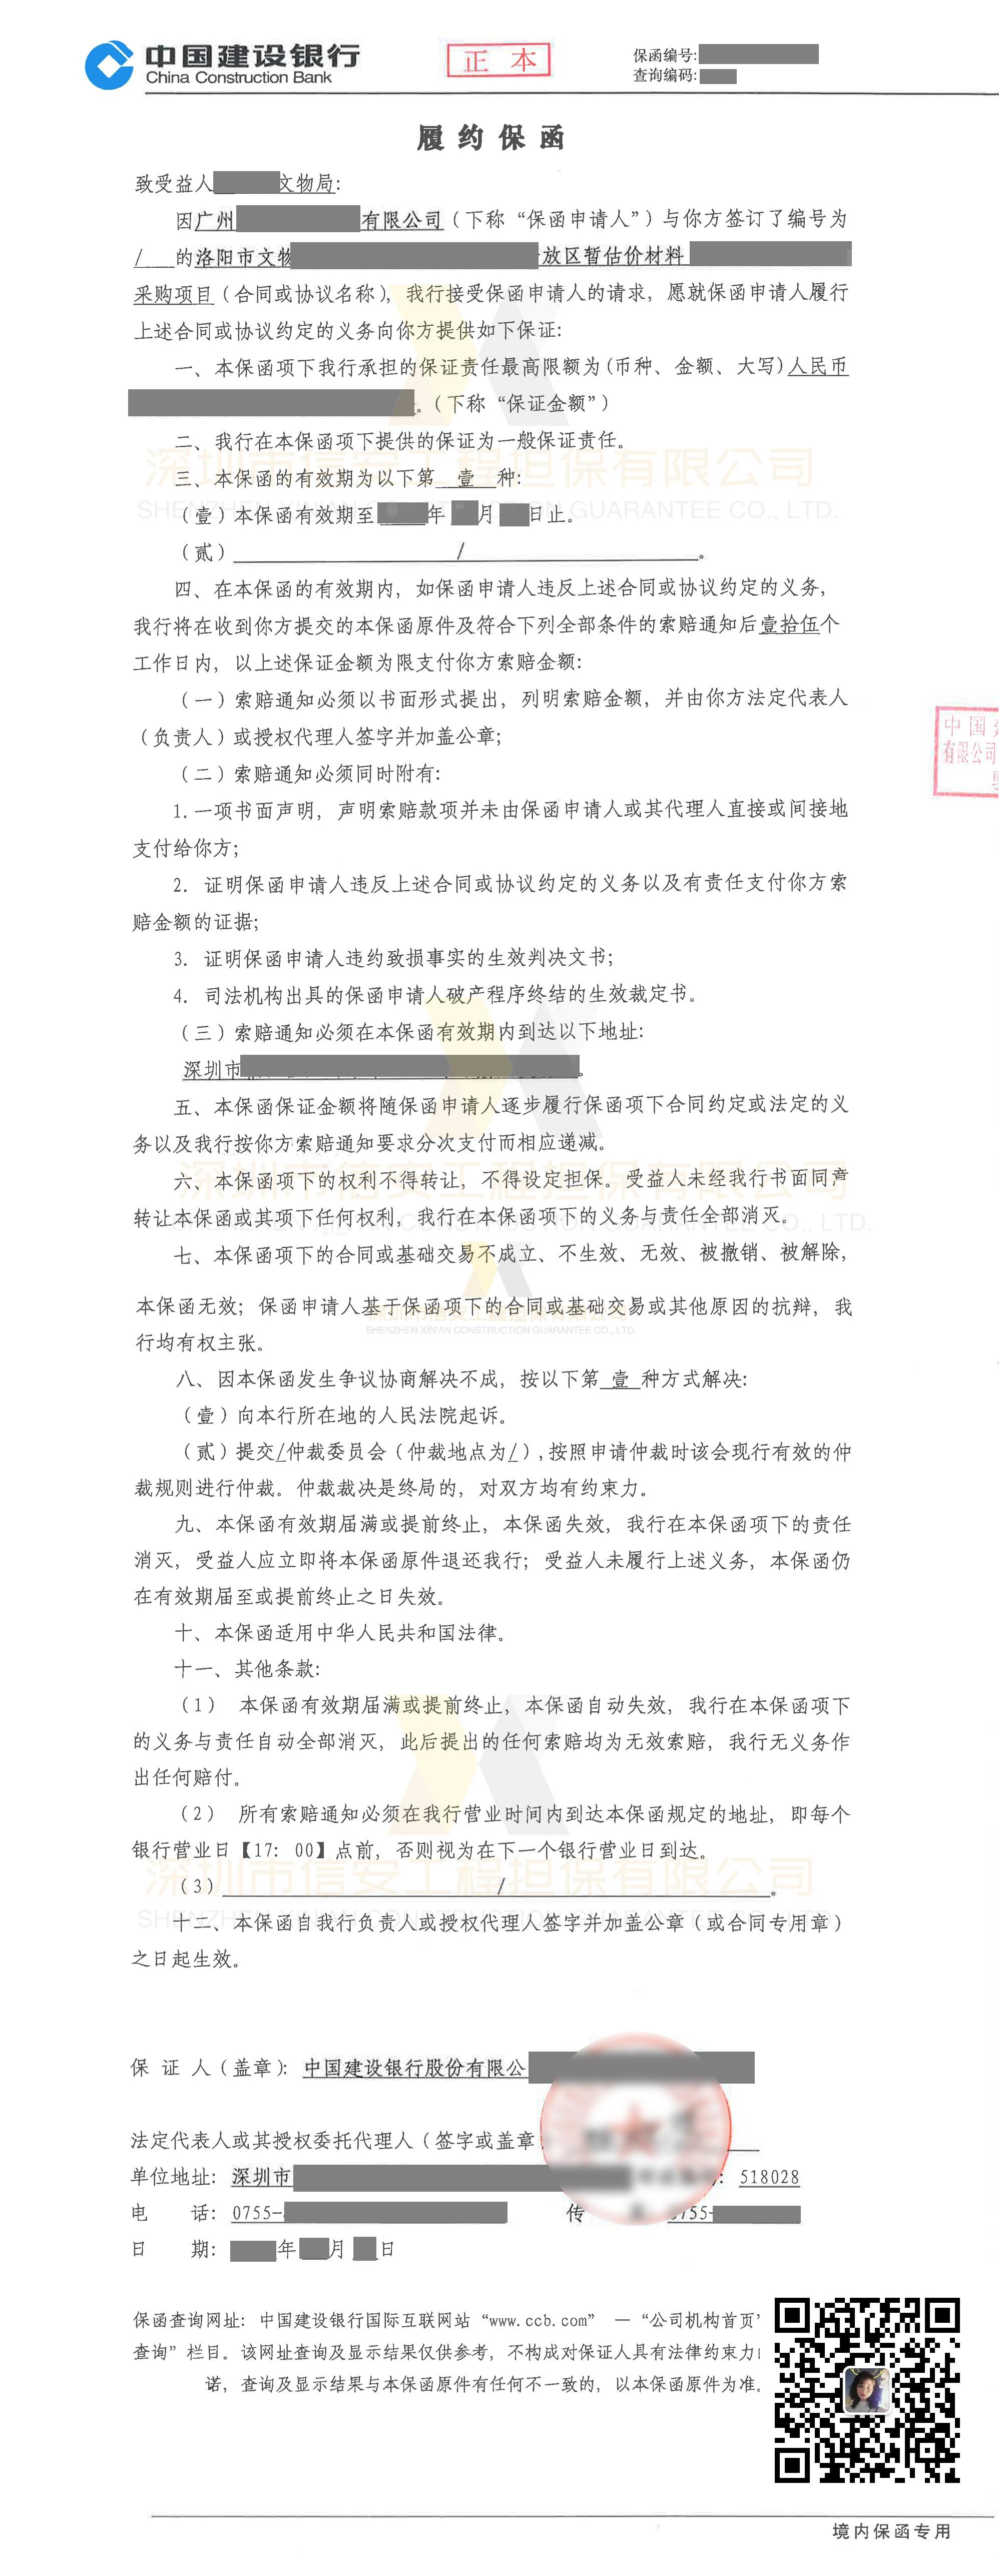 银行纯供货类项目履约保函